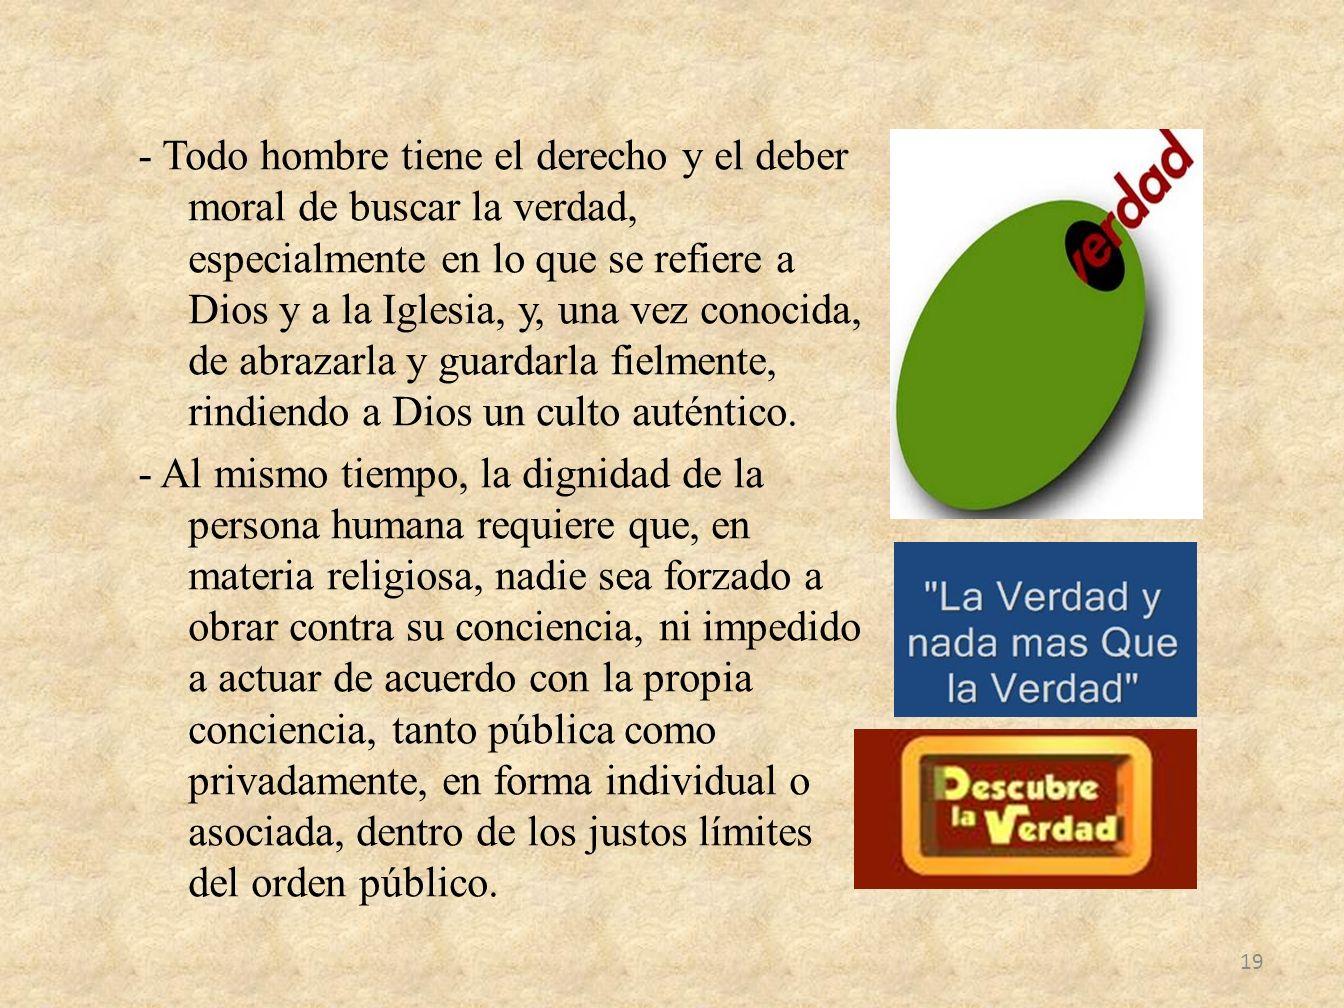 - Todo hombre tiene el derecho y el deber moral de buscar la verdad, especialmente en lo que se refiere a Dios y a la Iglesia, y, una vez conocida, de